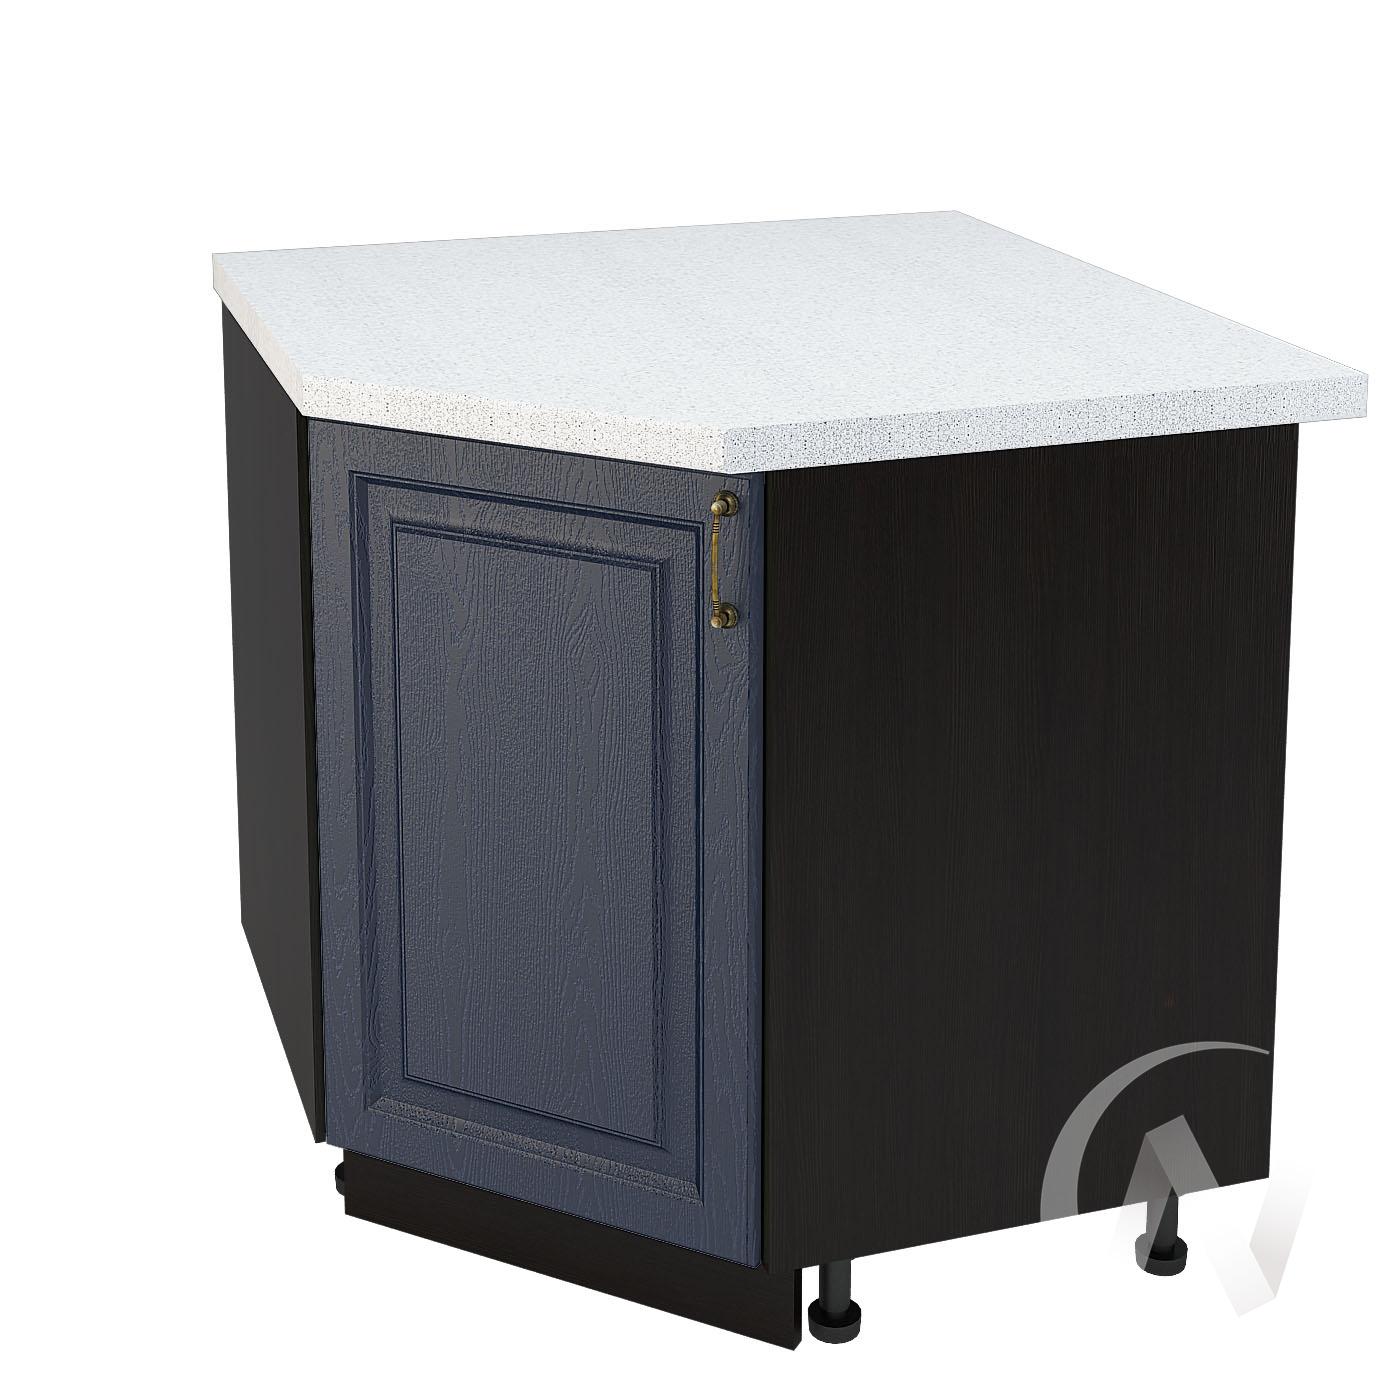 """Кухня """"Ницца"""": Шкаф нижний угловой 890, ШНУ 890 (Дуб чернильный/корпус венге)"""